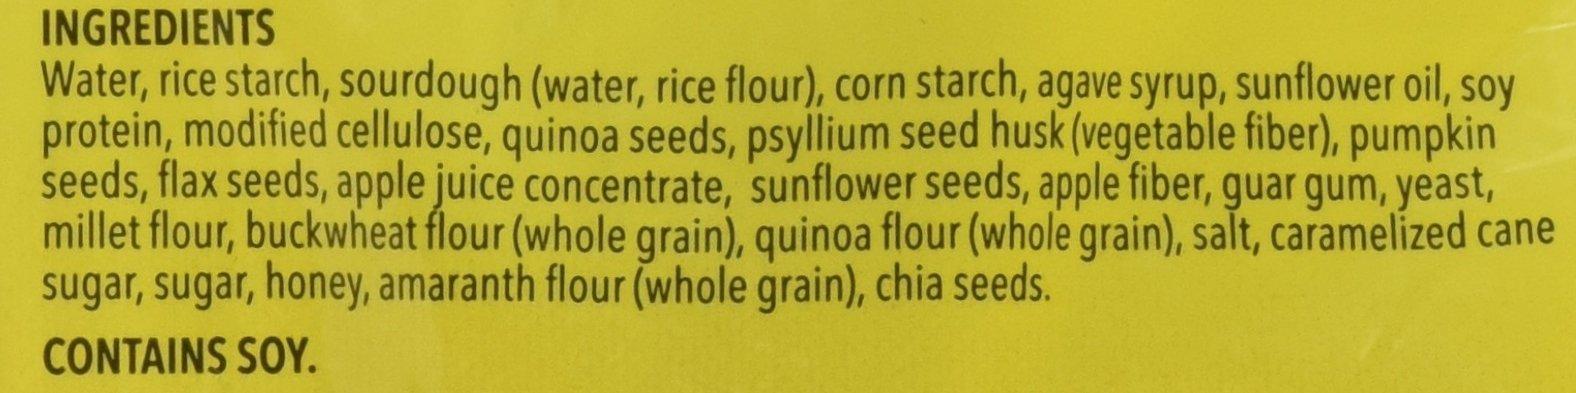 Schar Gluten Free Artisan Baker 10 Grain & Seeds Bread, 6 Count by Schar (Image #2)